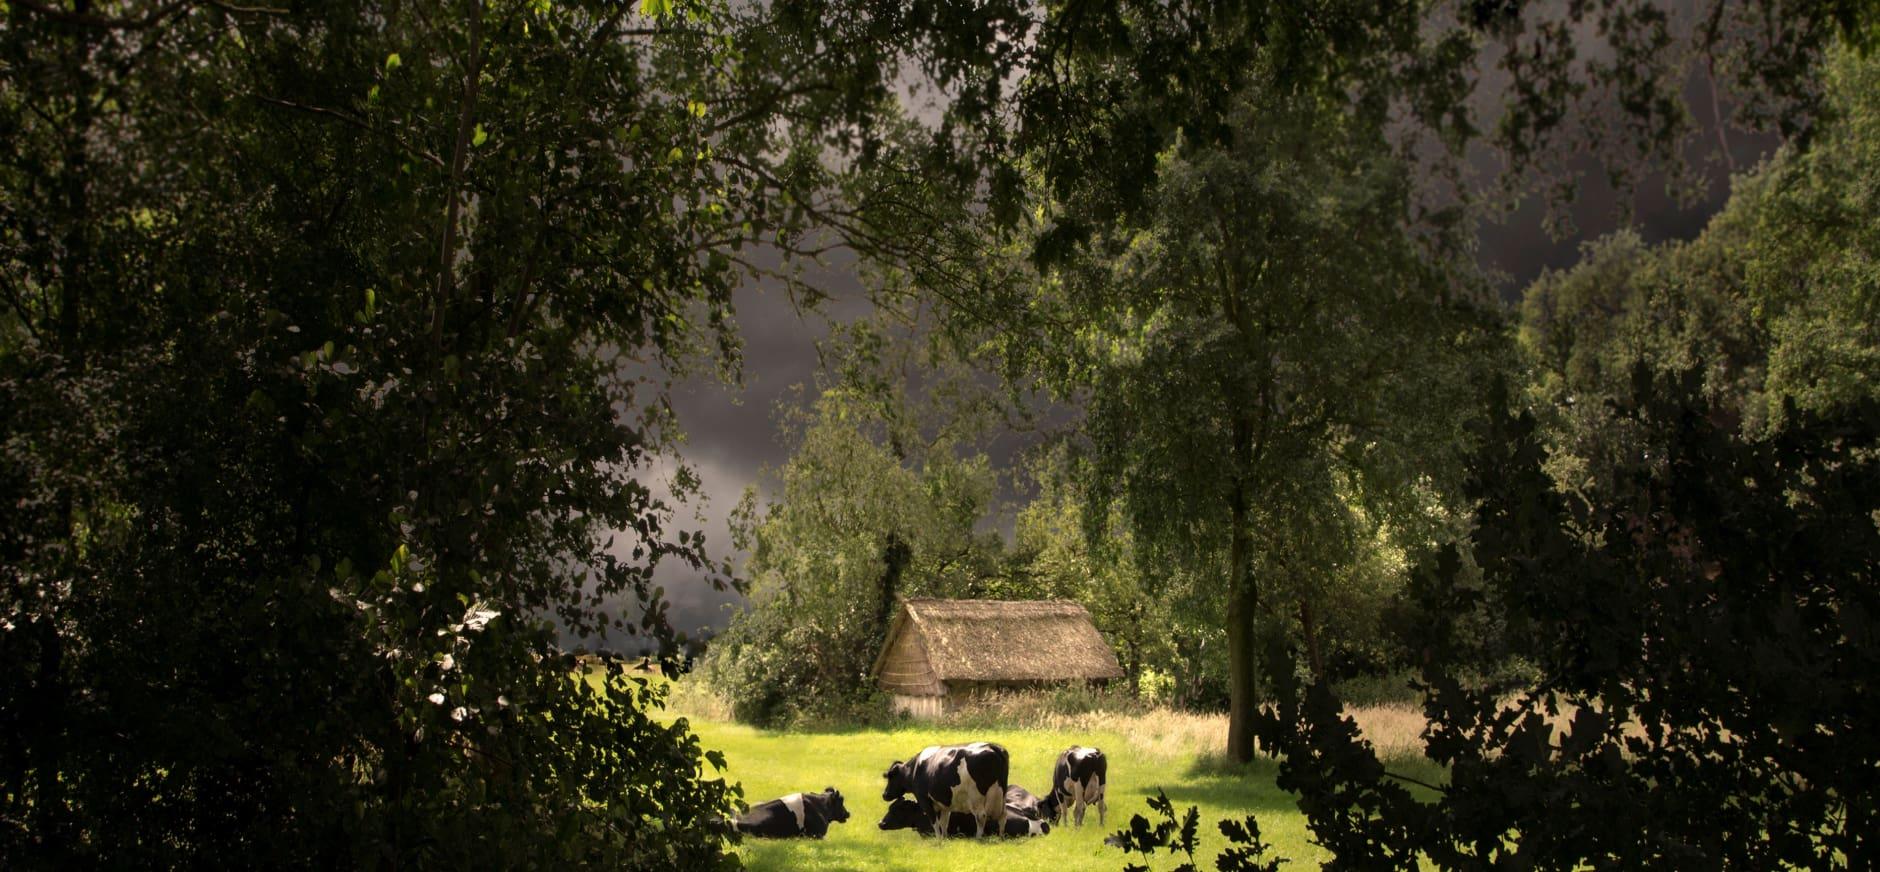 Landschapsfotografie expositie